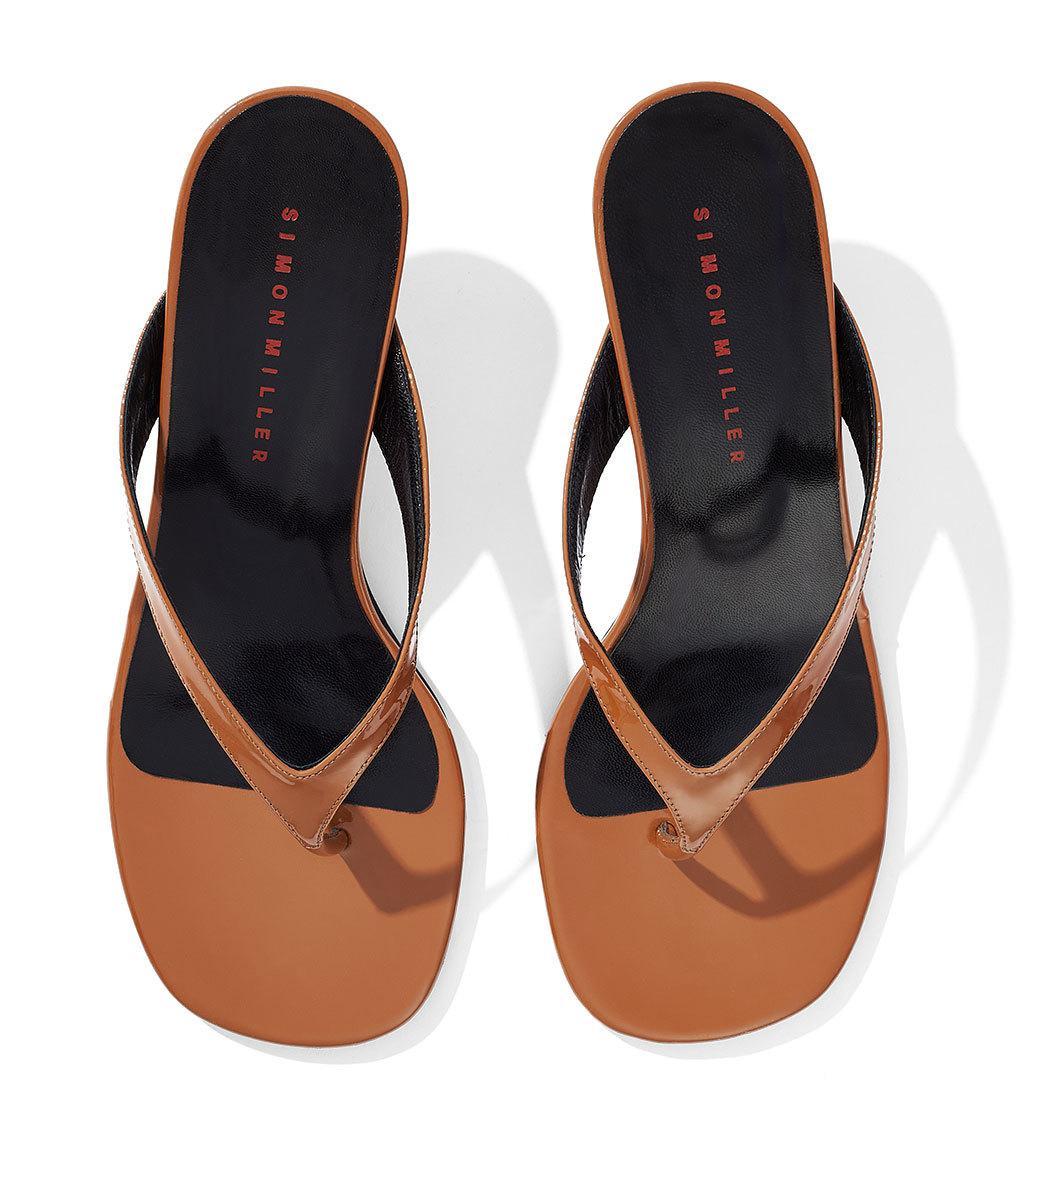 d6c2055d8 Lyst - Simon Miller Beep Thong Sandals